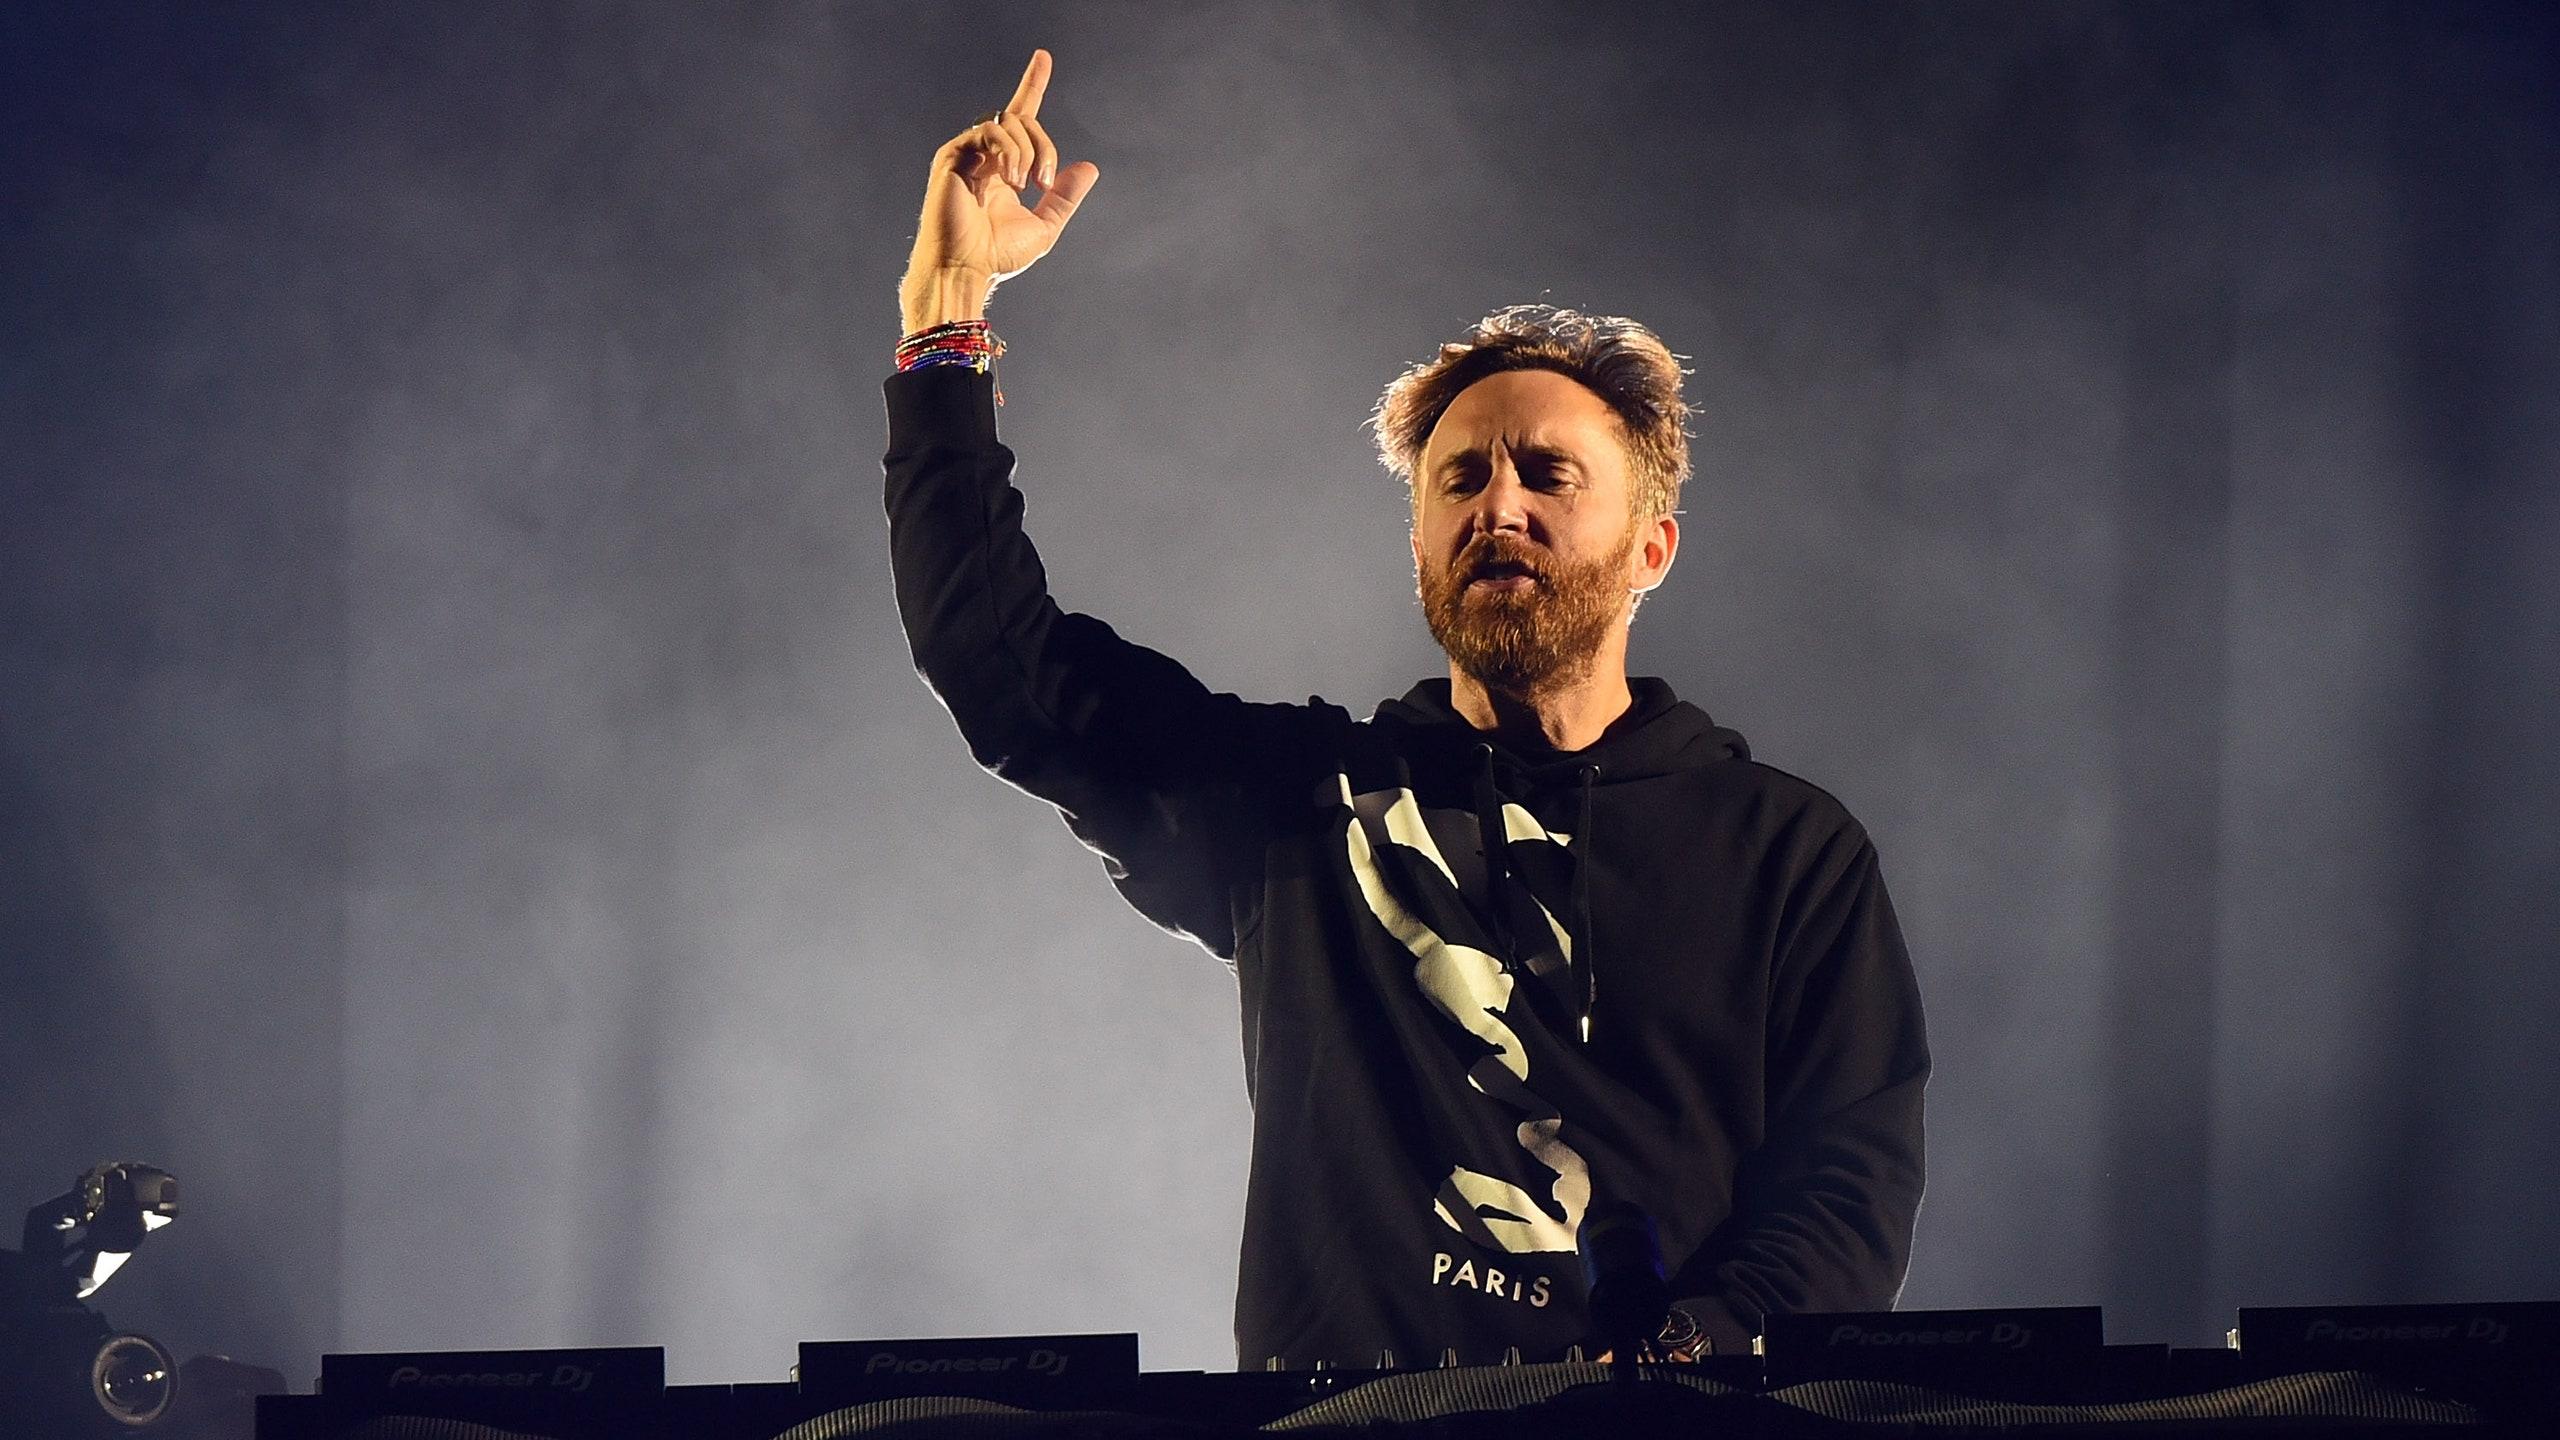 David Guetta acaba de ganhar uma incrível quantia de dinheiro (e isso pode mudar a sua carreira)